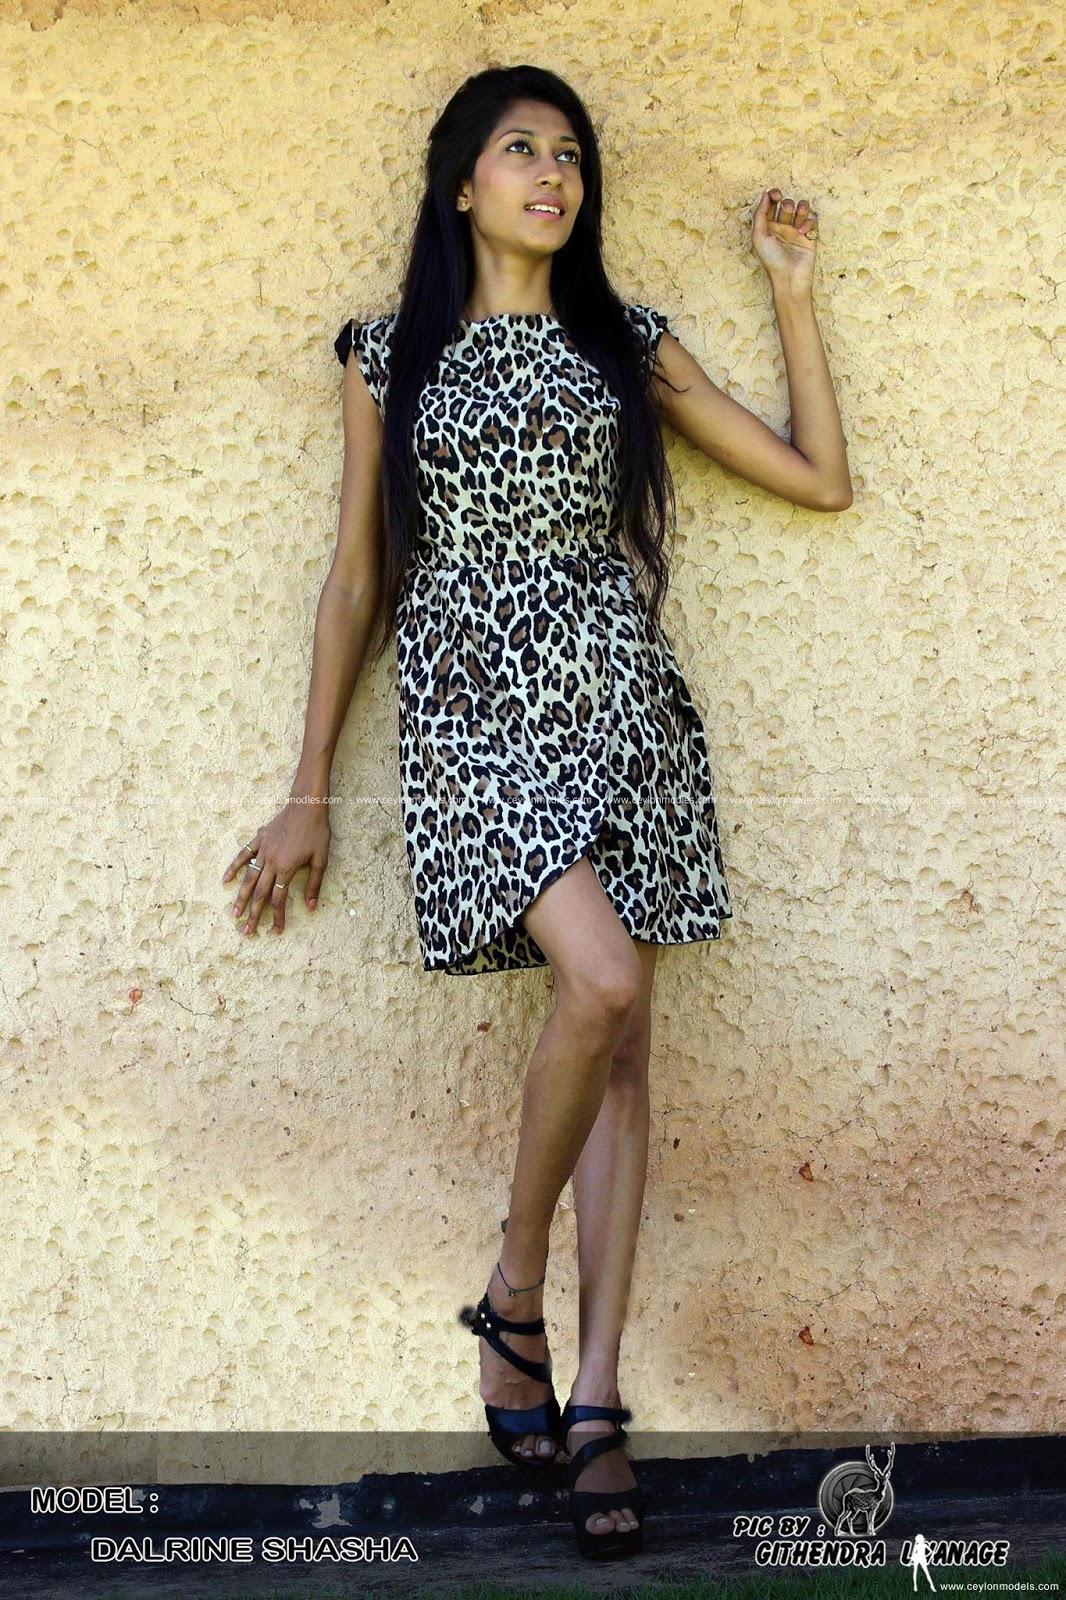 Dalrine Shasha 6